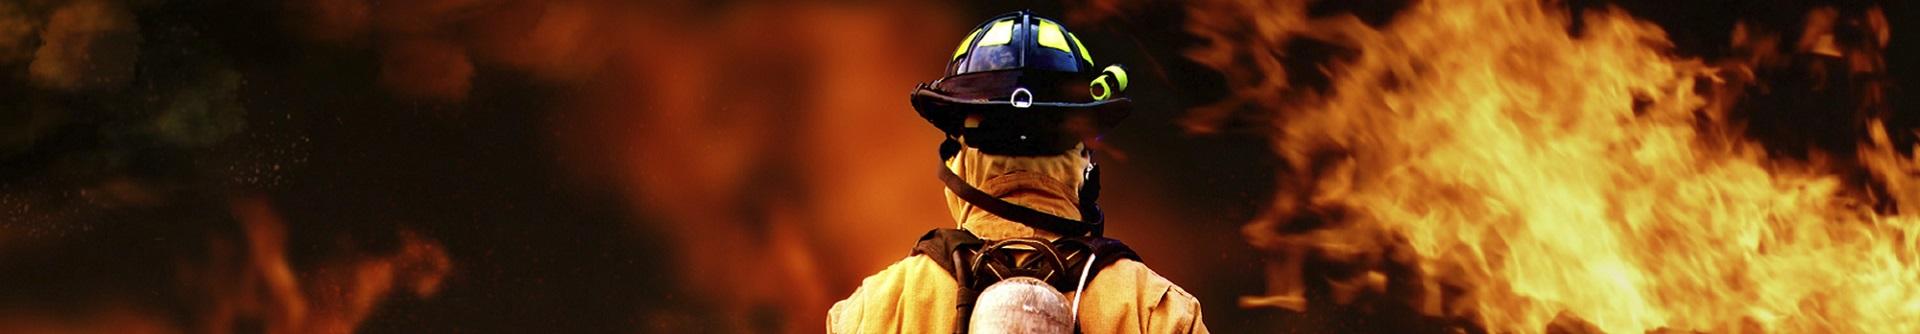 Правила противопожарного режима изменены